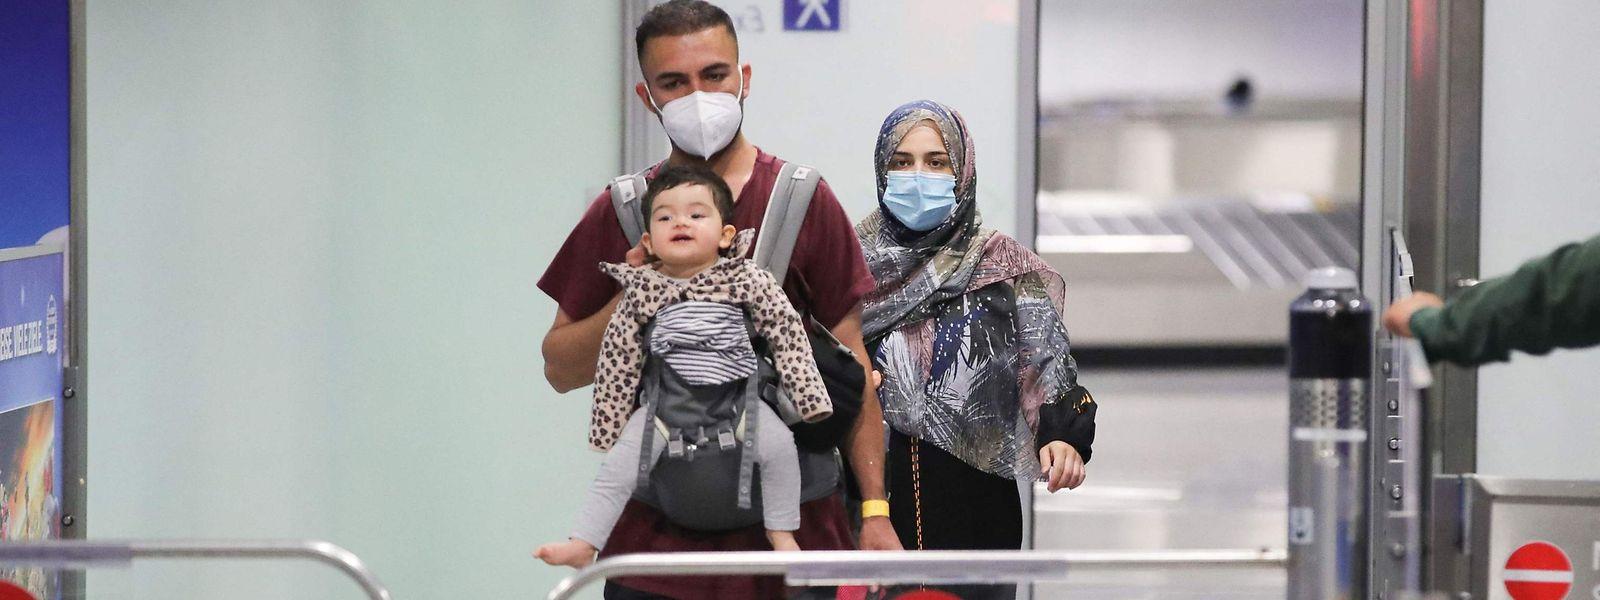 Le premier vol de Lufthansa transportant 130 évacués afghans a atterri ce mercredi matin à Francfort.